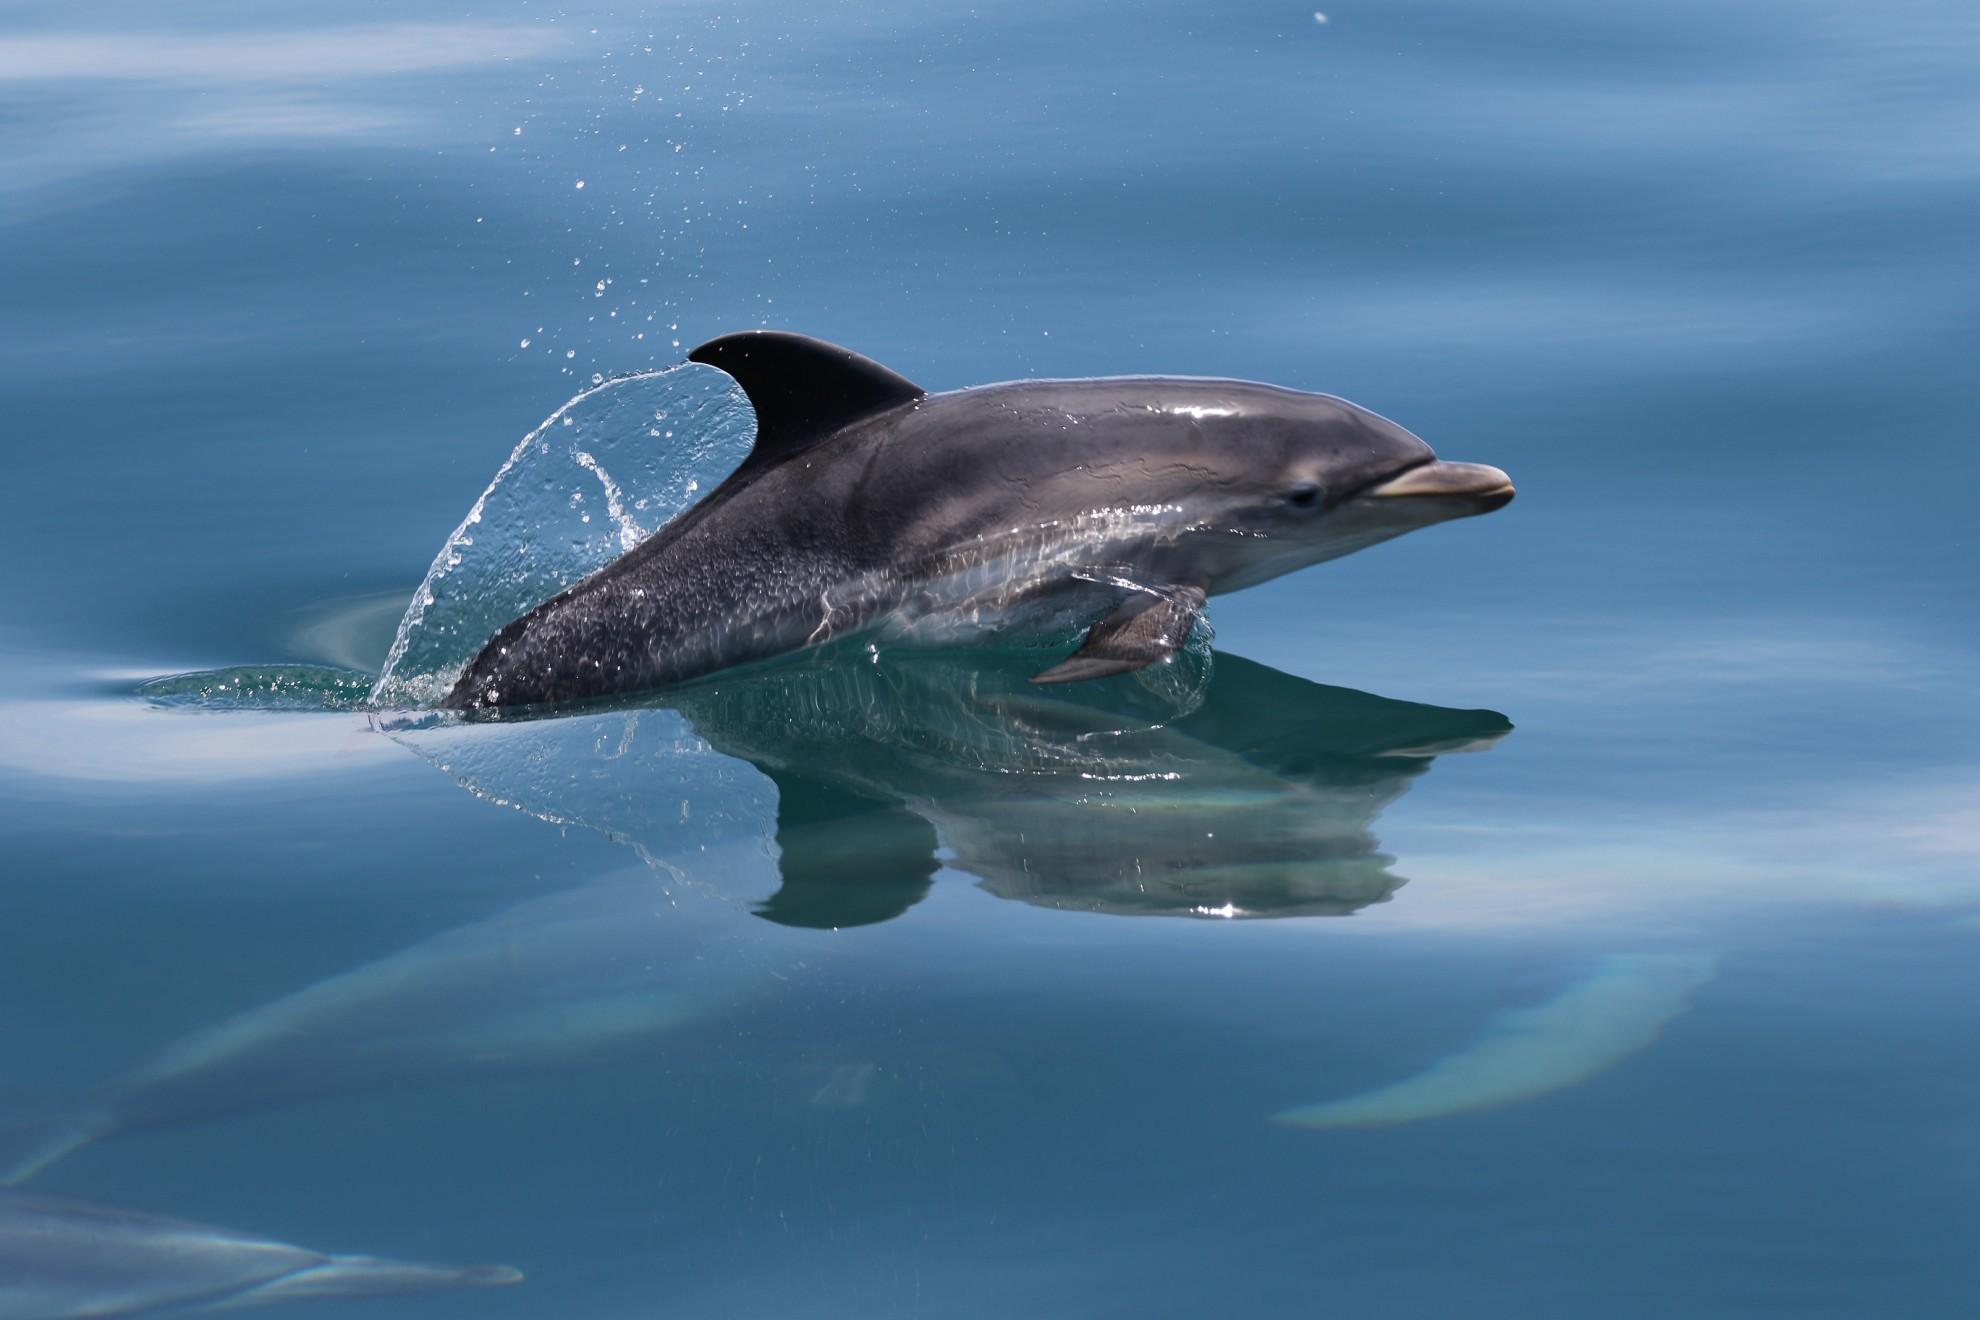 крупная картинка дельфина очень красивая